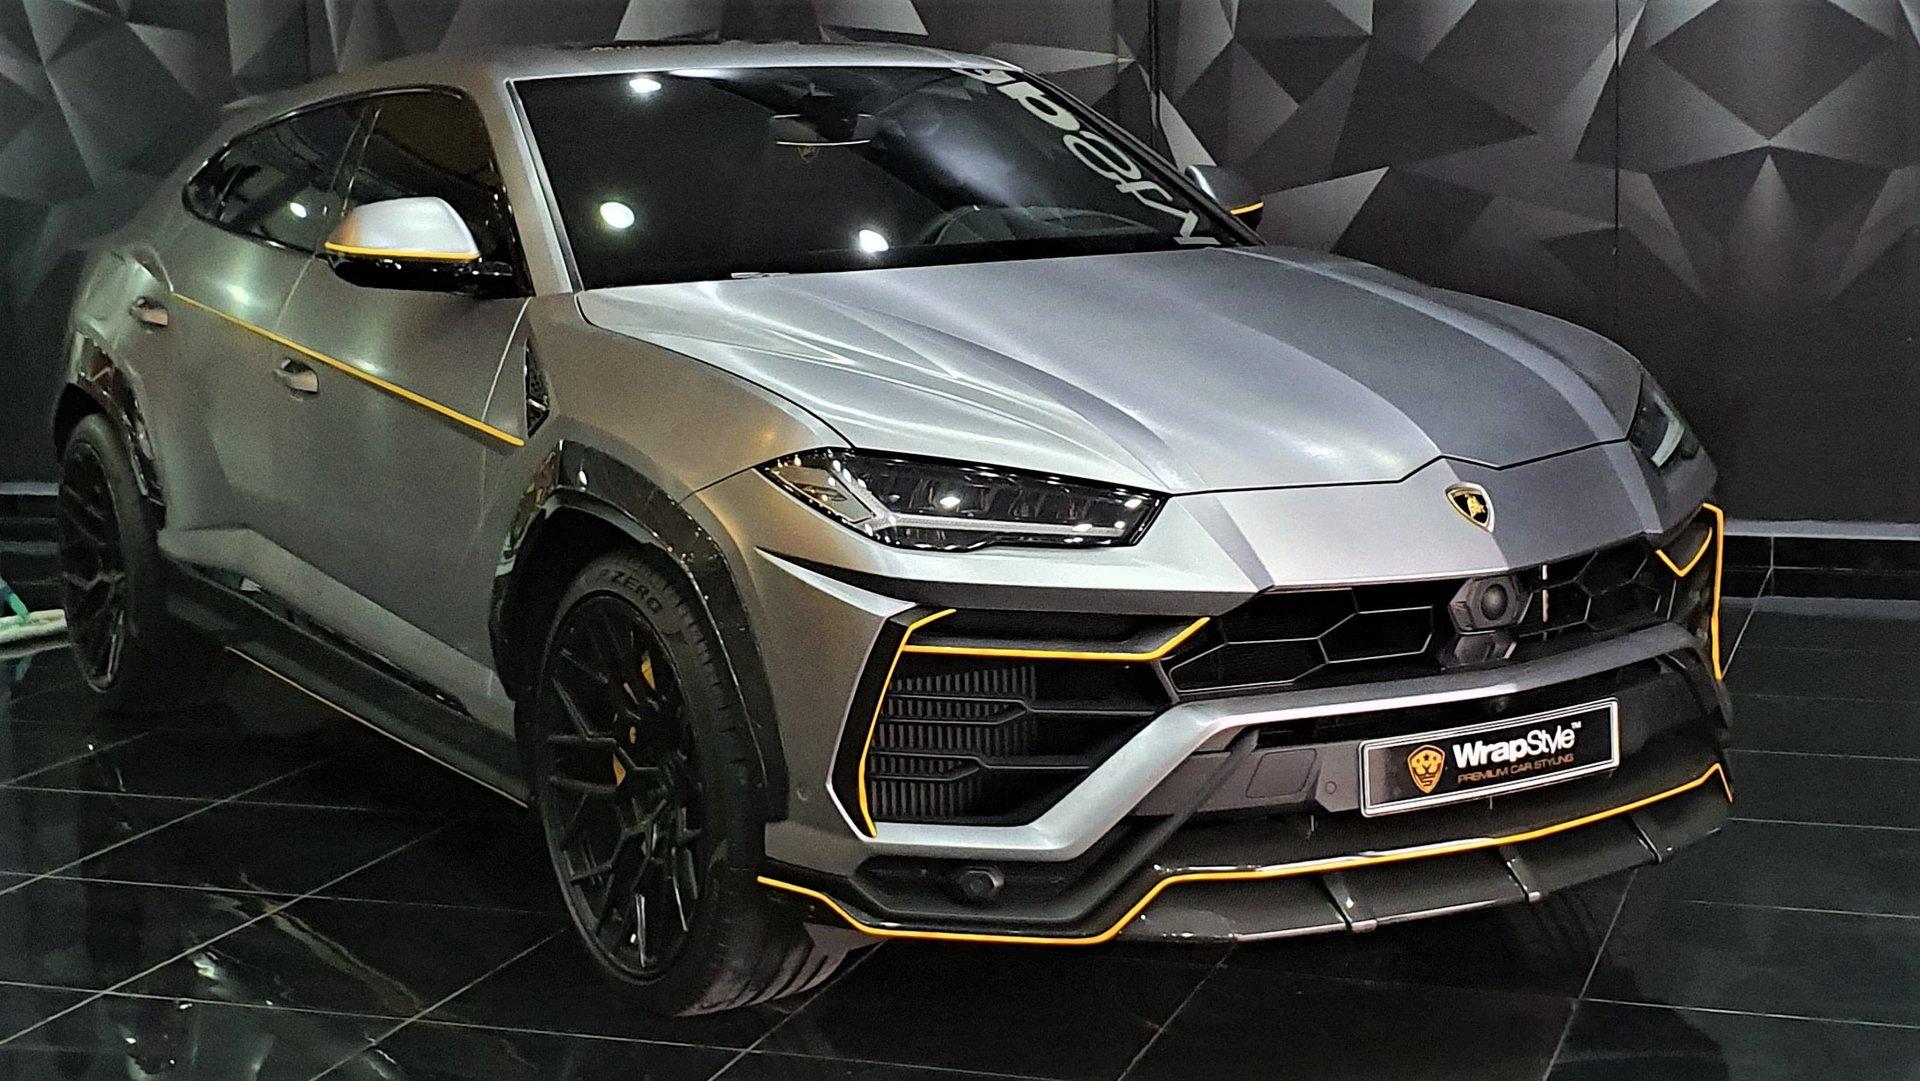 Lamborghini Urus Yellow Detailing Wrap Wrapstyle